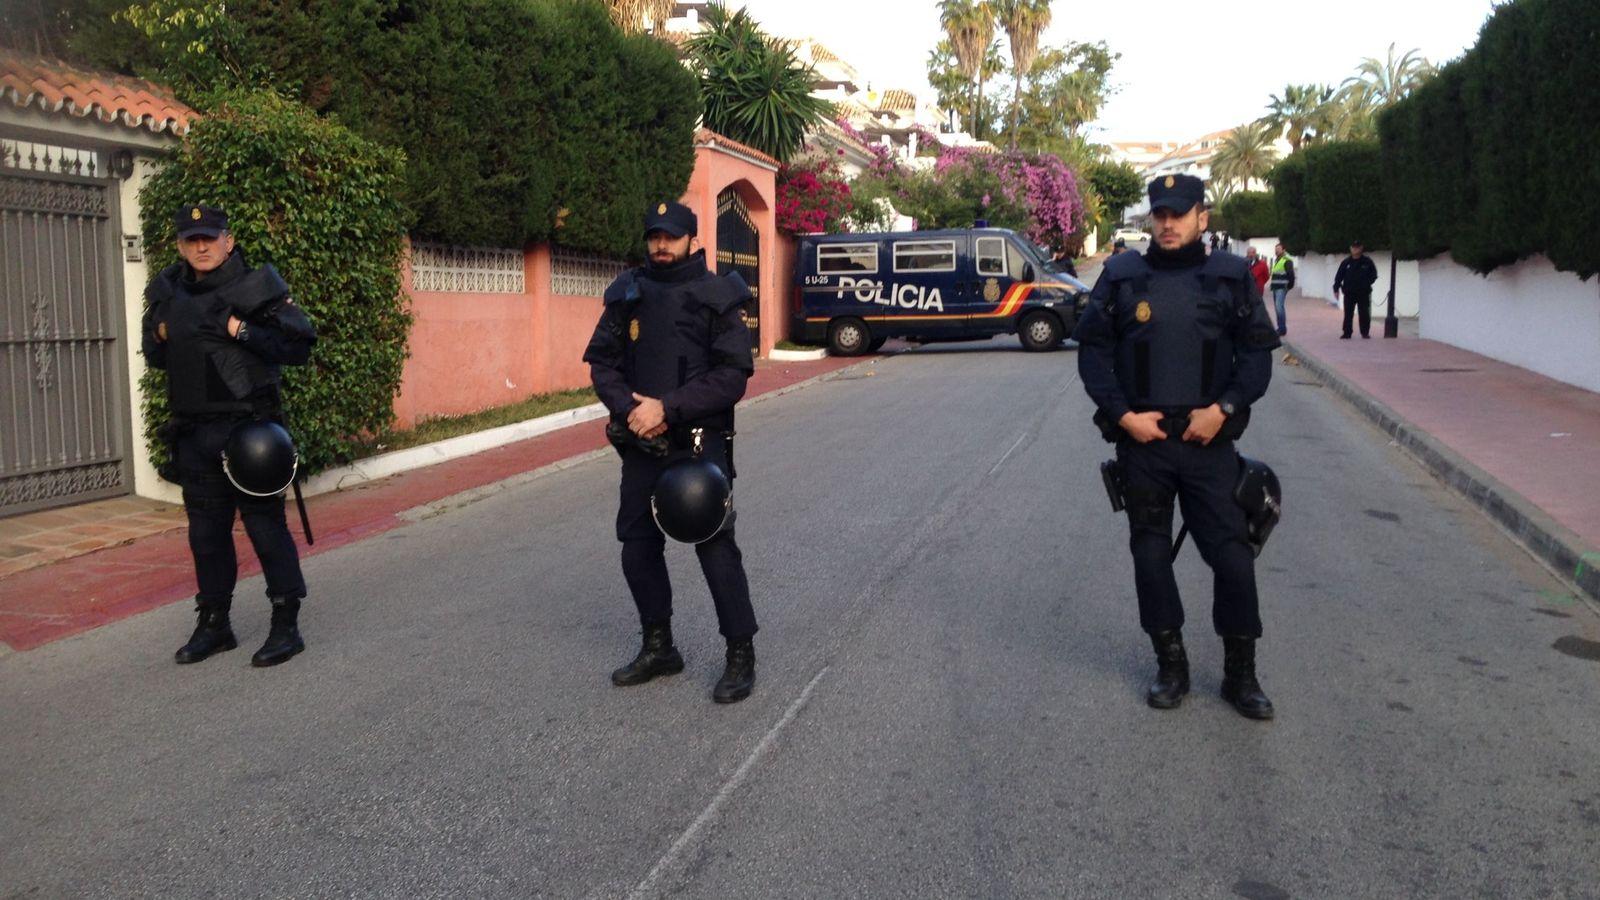 Foto: Miembros de la Policía Nacional, durante el desahucio. (Amparo de la Gama)